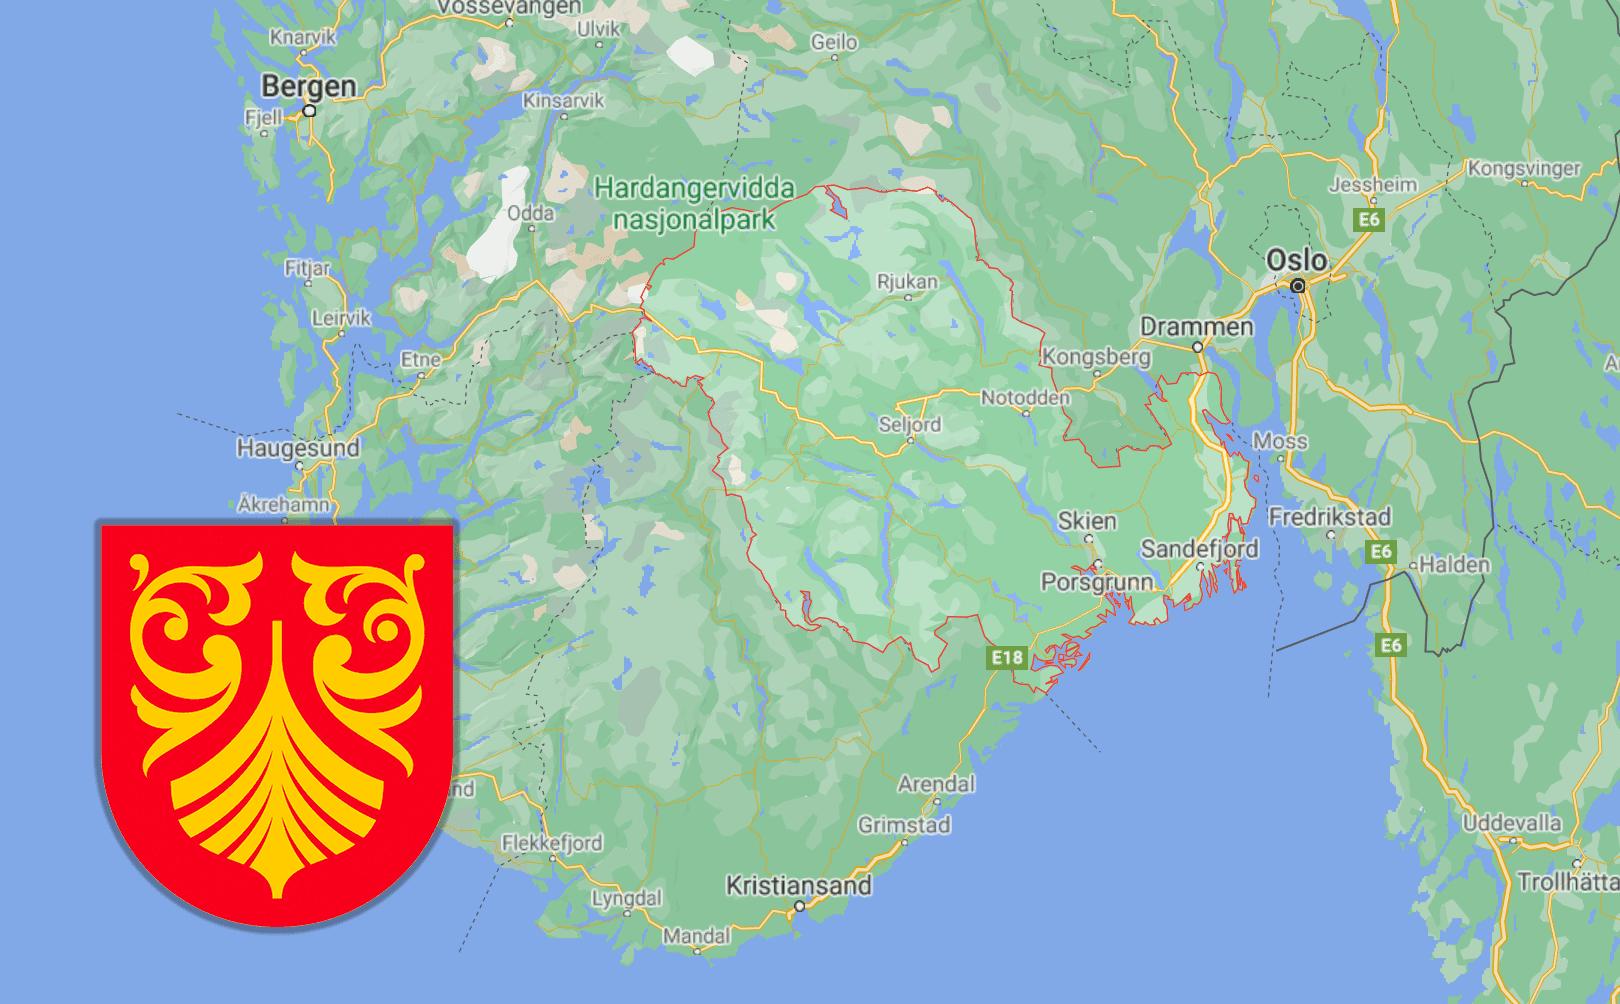 Billig strøm Vestfold og Telemark